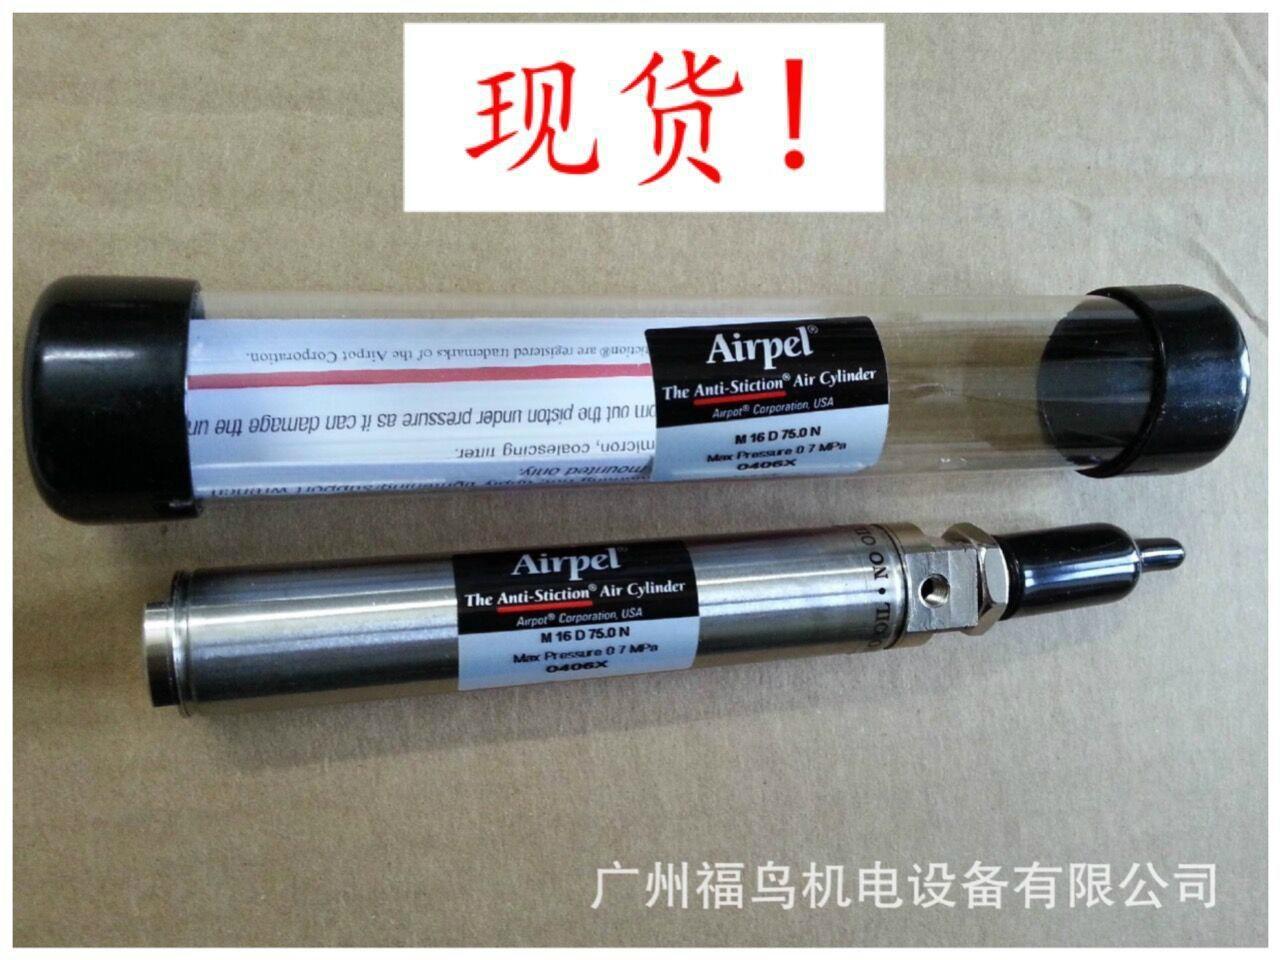 ?AIRPEL / AIRPOT玻璃氣缸, 型號: M16D75.0N